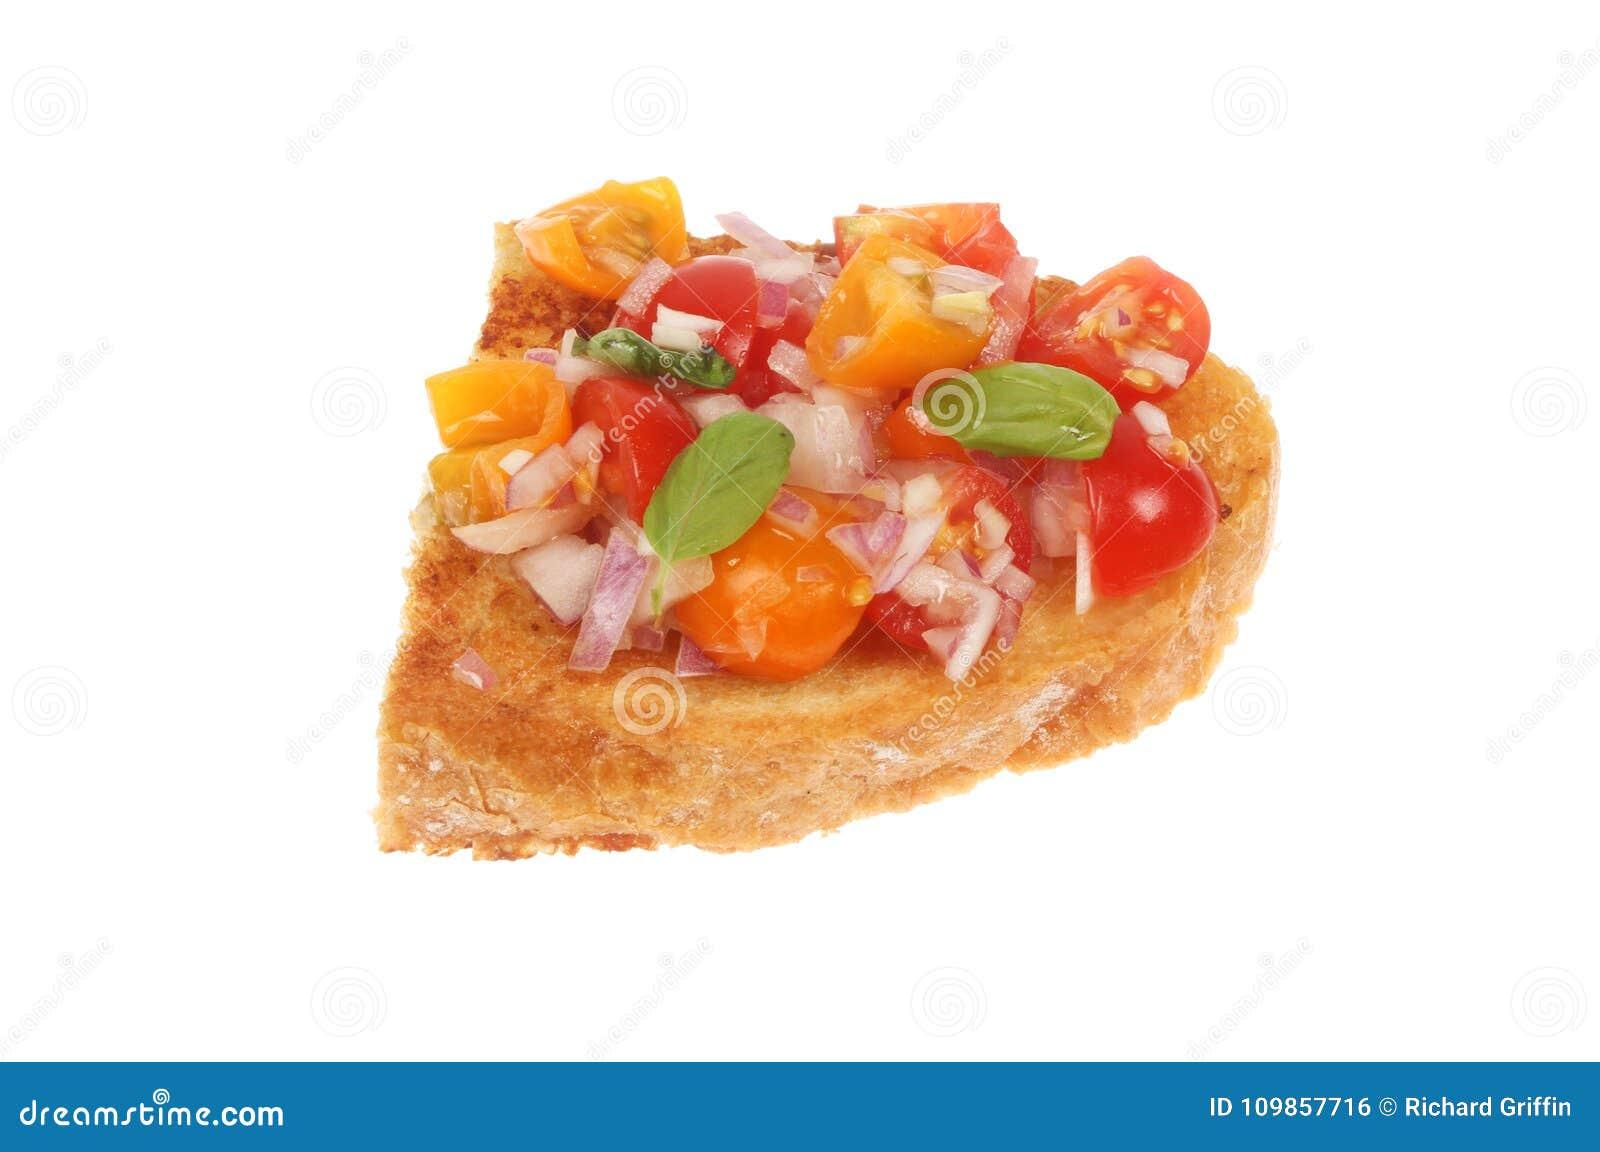 Tomato bruschetta isolated